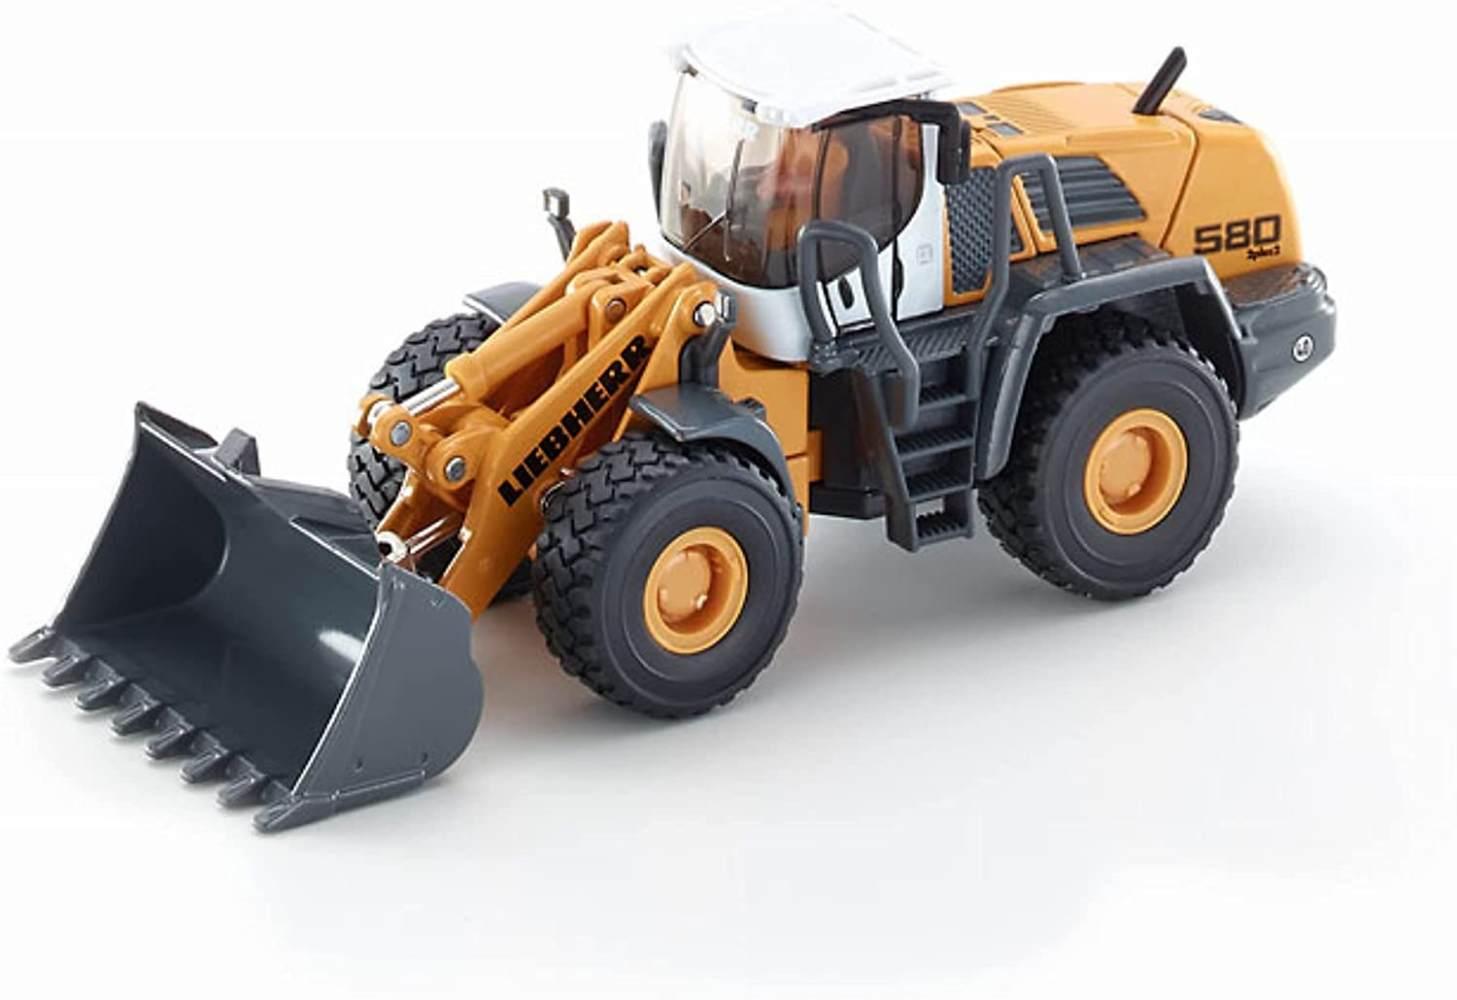 Siku 3533, Liebherr L580 2plus2 Radlader, 1:50, Metall/Kunststoff, Bewegliche Funktionen, Gelb Bild 1